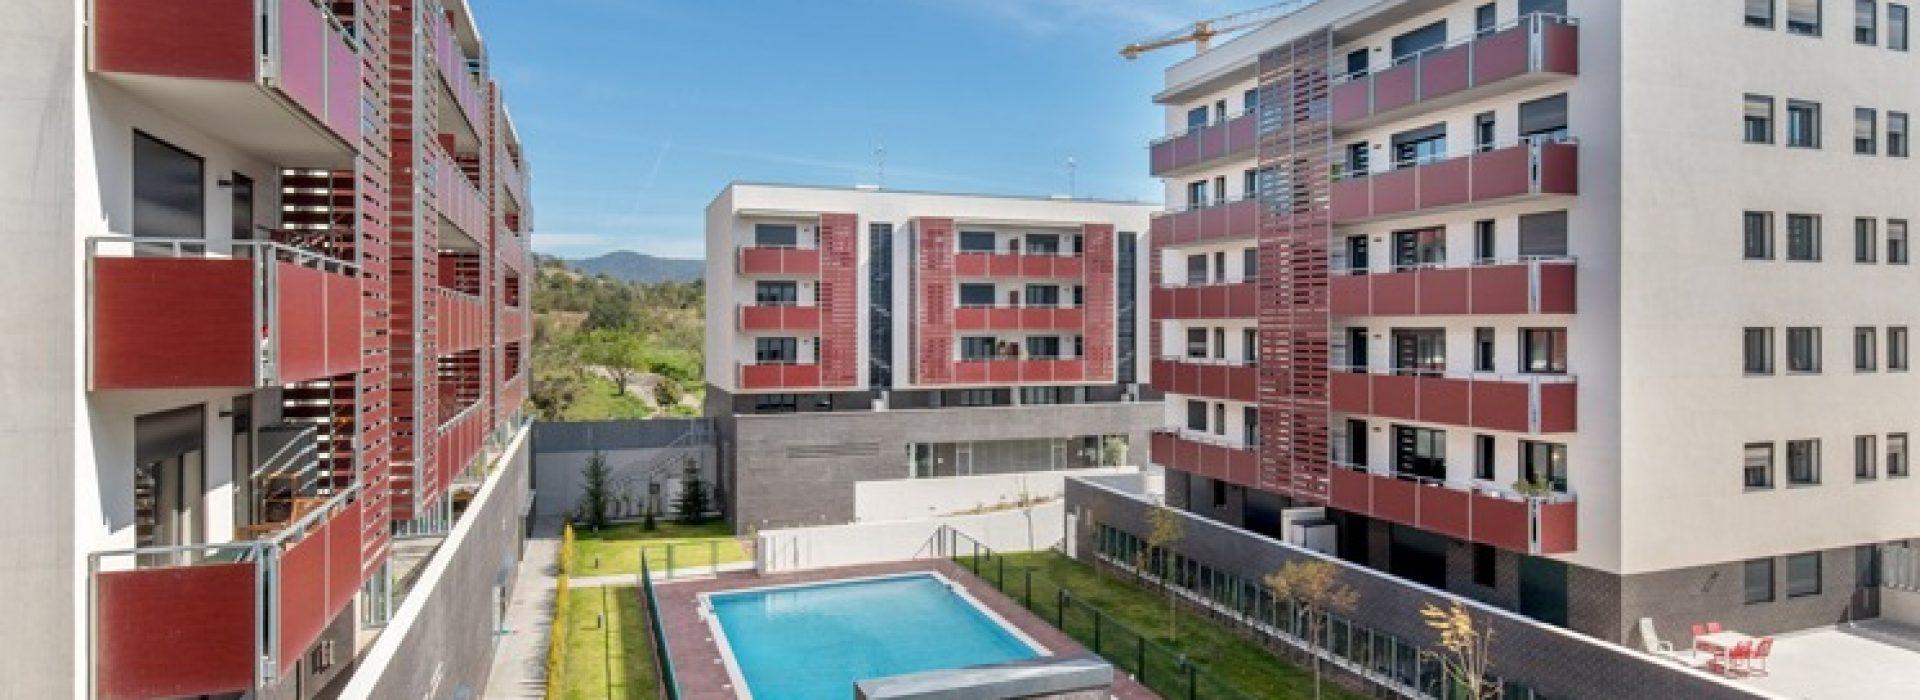 residencial-mas-lluí-parc-unifamiliares02